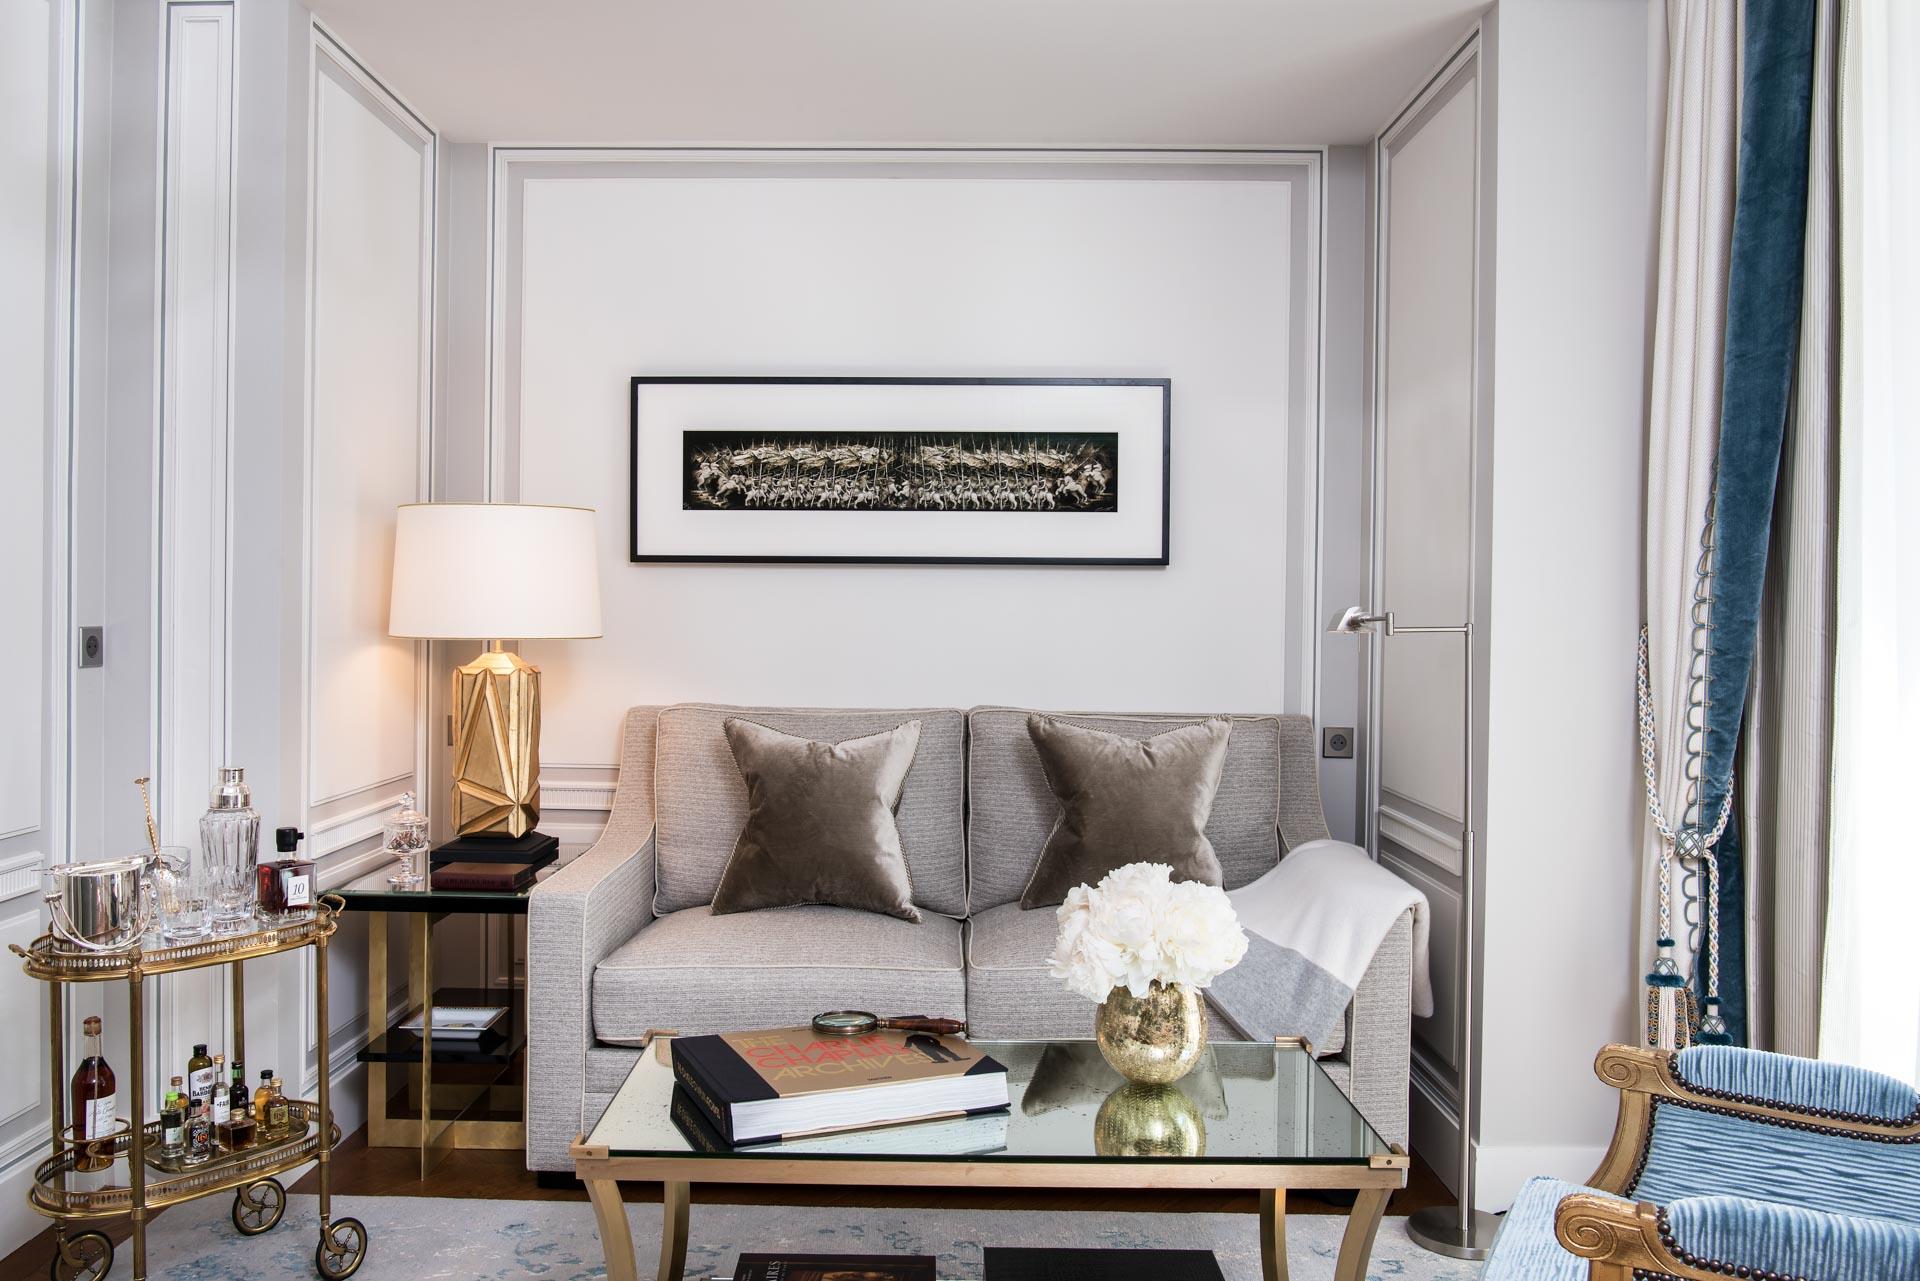 Juste au-dessus, les Premier Suites Incarnent la sensibilité résidentielle parisienne qui définit l'Hôtel de Crillon